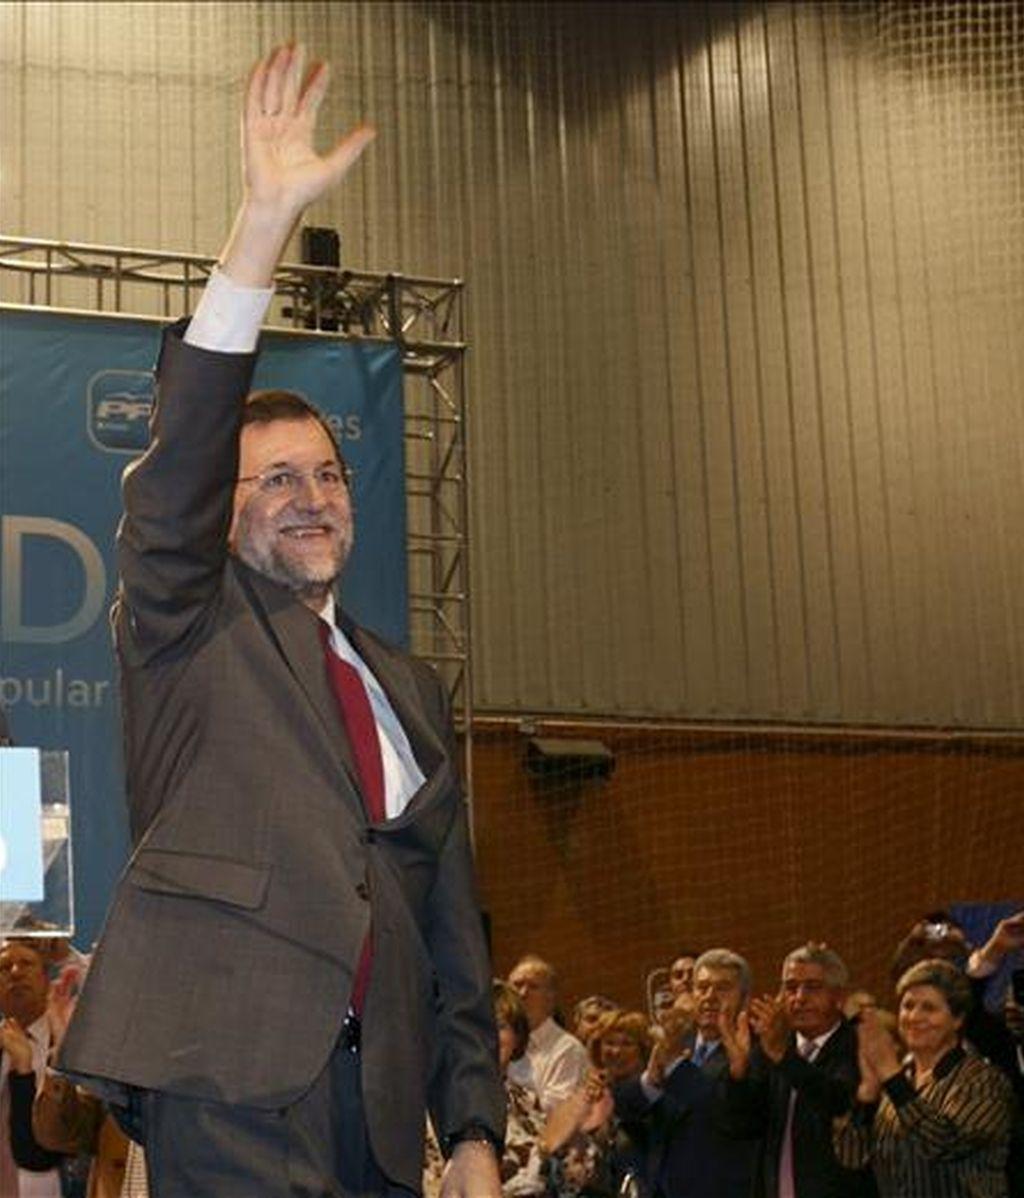 El presidente del PP, Mariano Rajoy, saluda a los asistentes a su llegada a la cena de Navidad que organiza esta noche el PP madrileño en Alcorcón. EFE